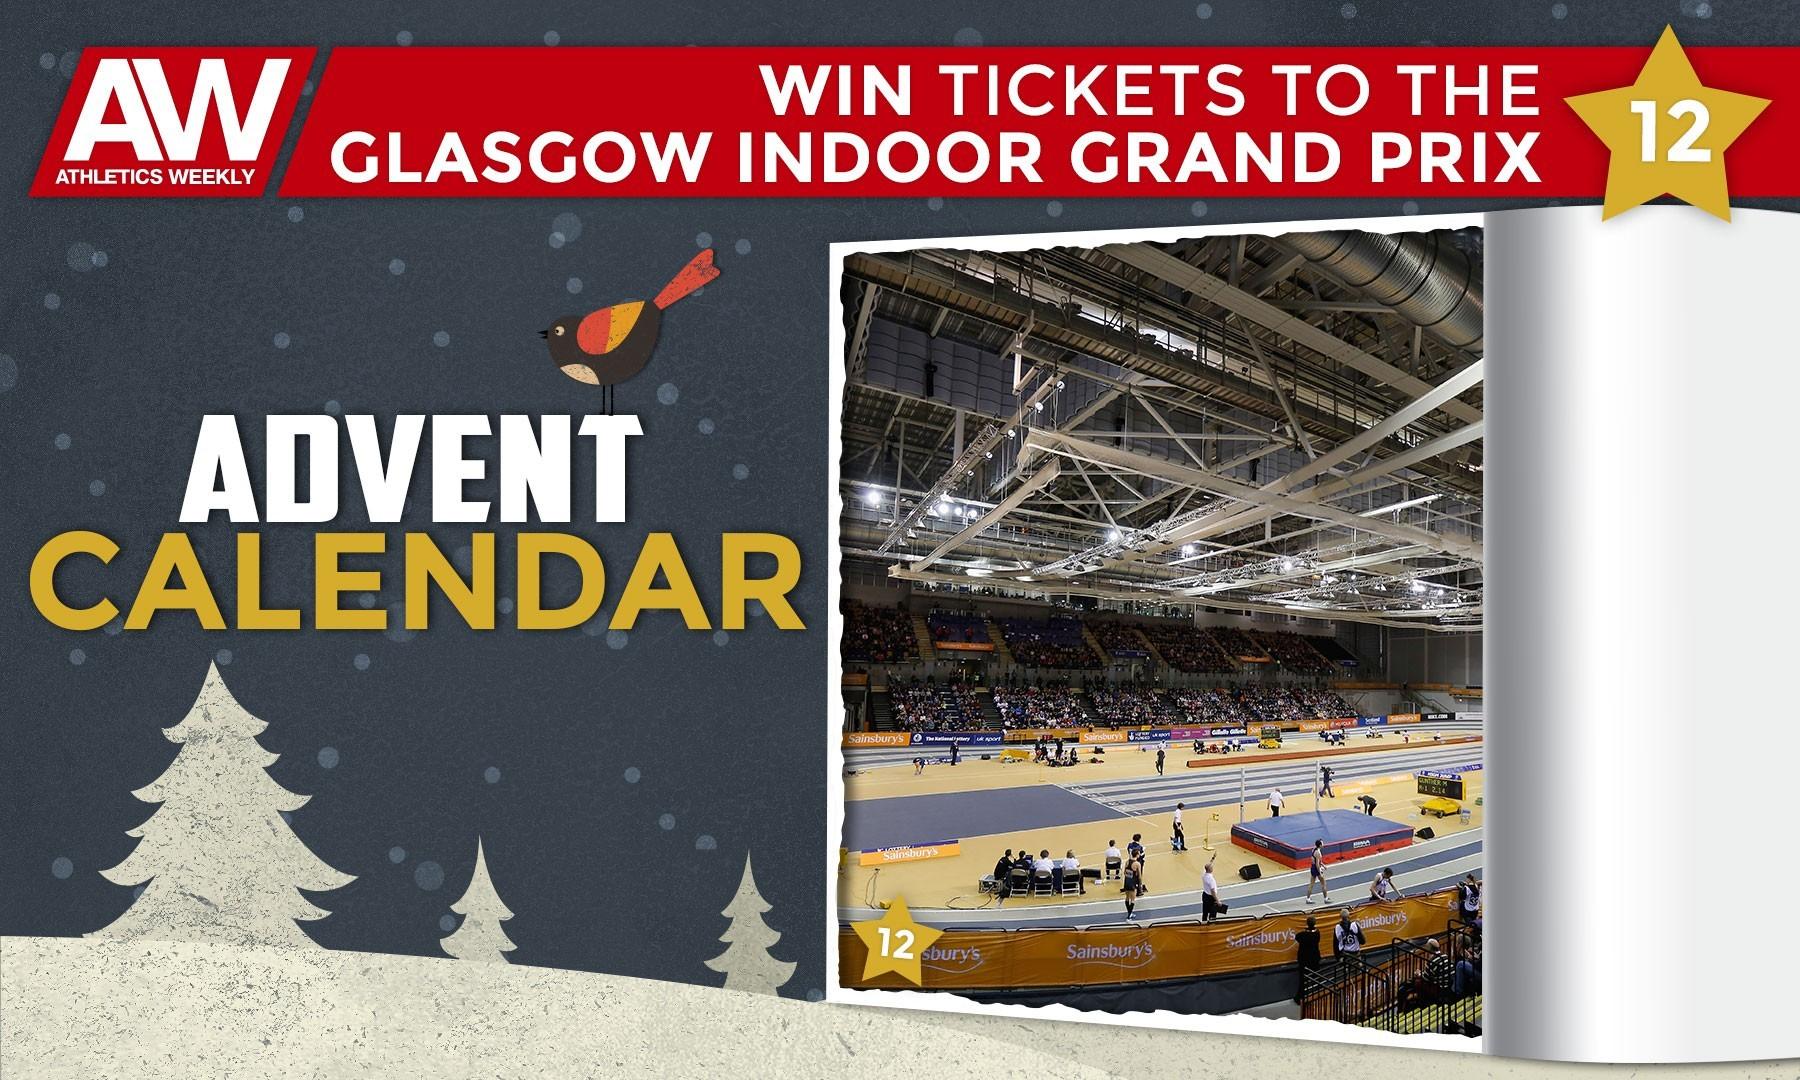 Win Glasgow Indoor Grand Prix tickets